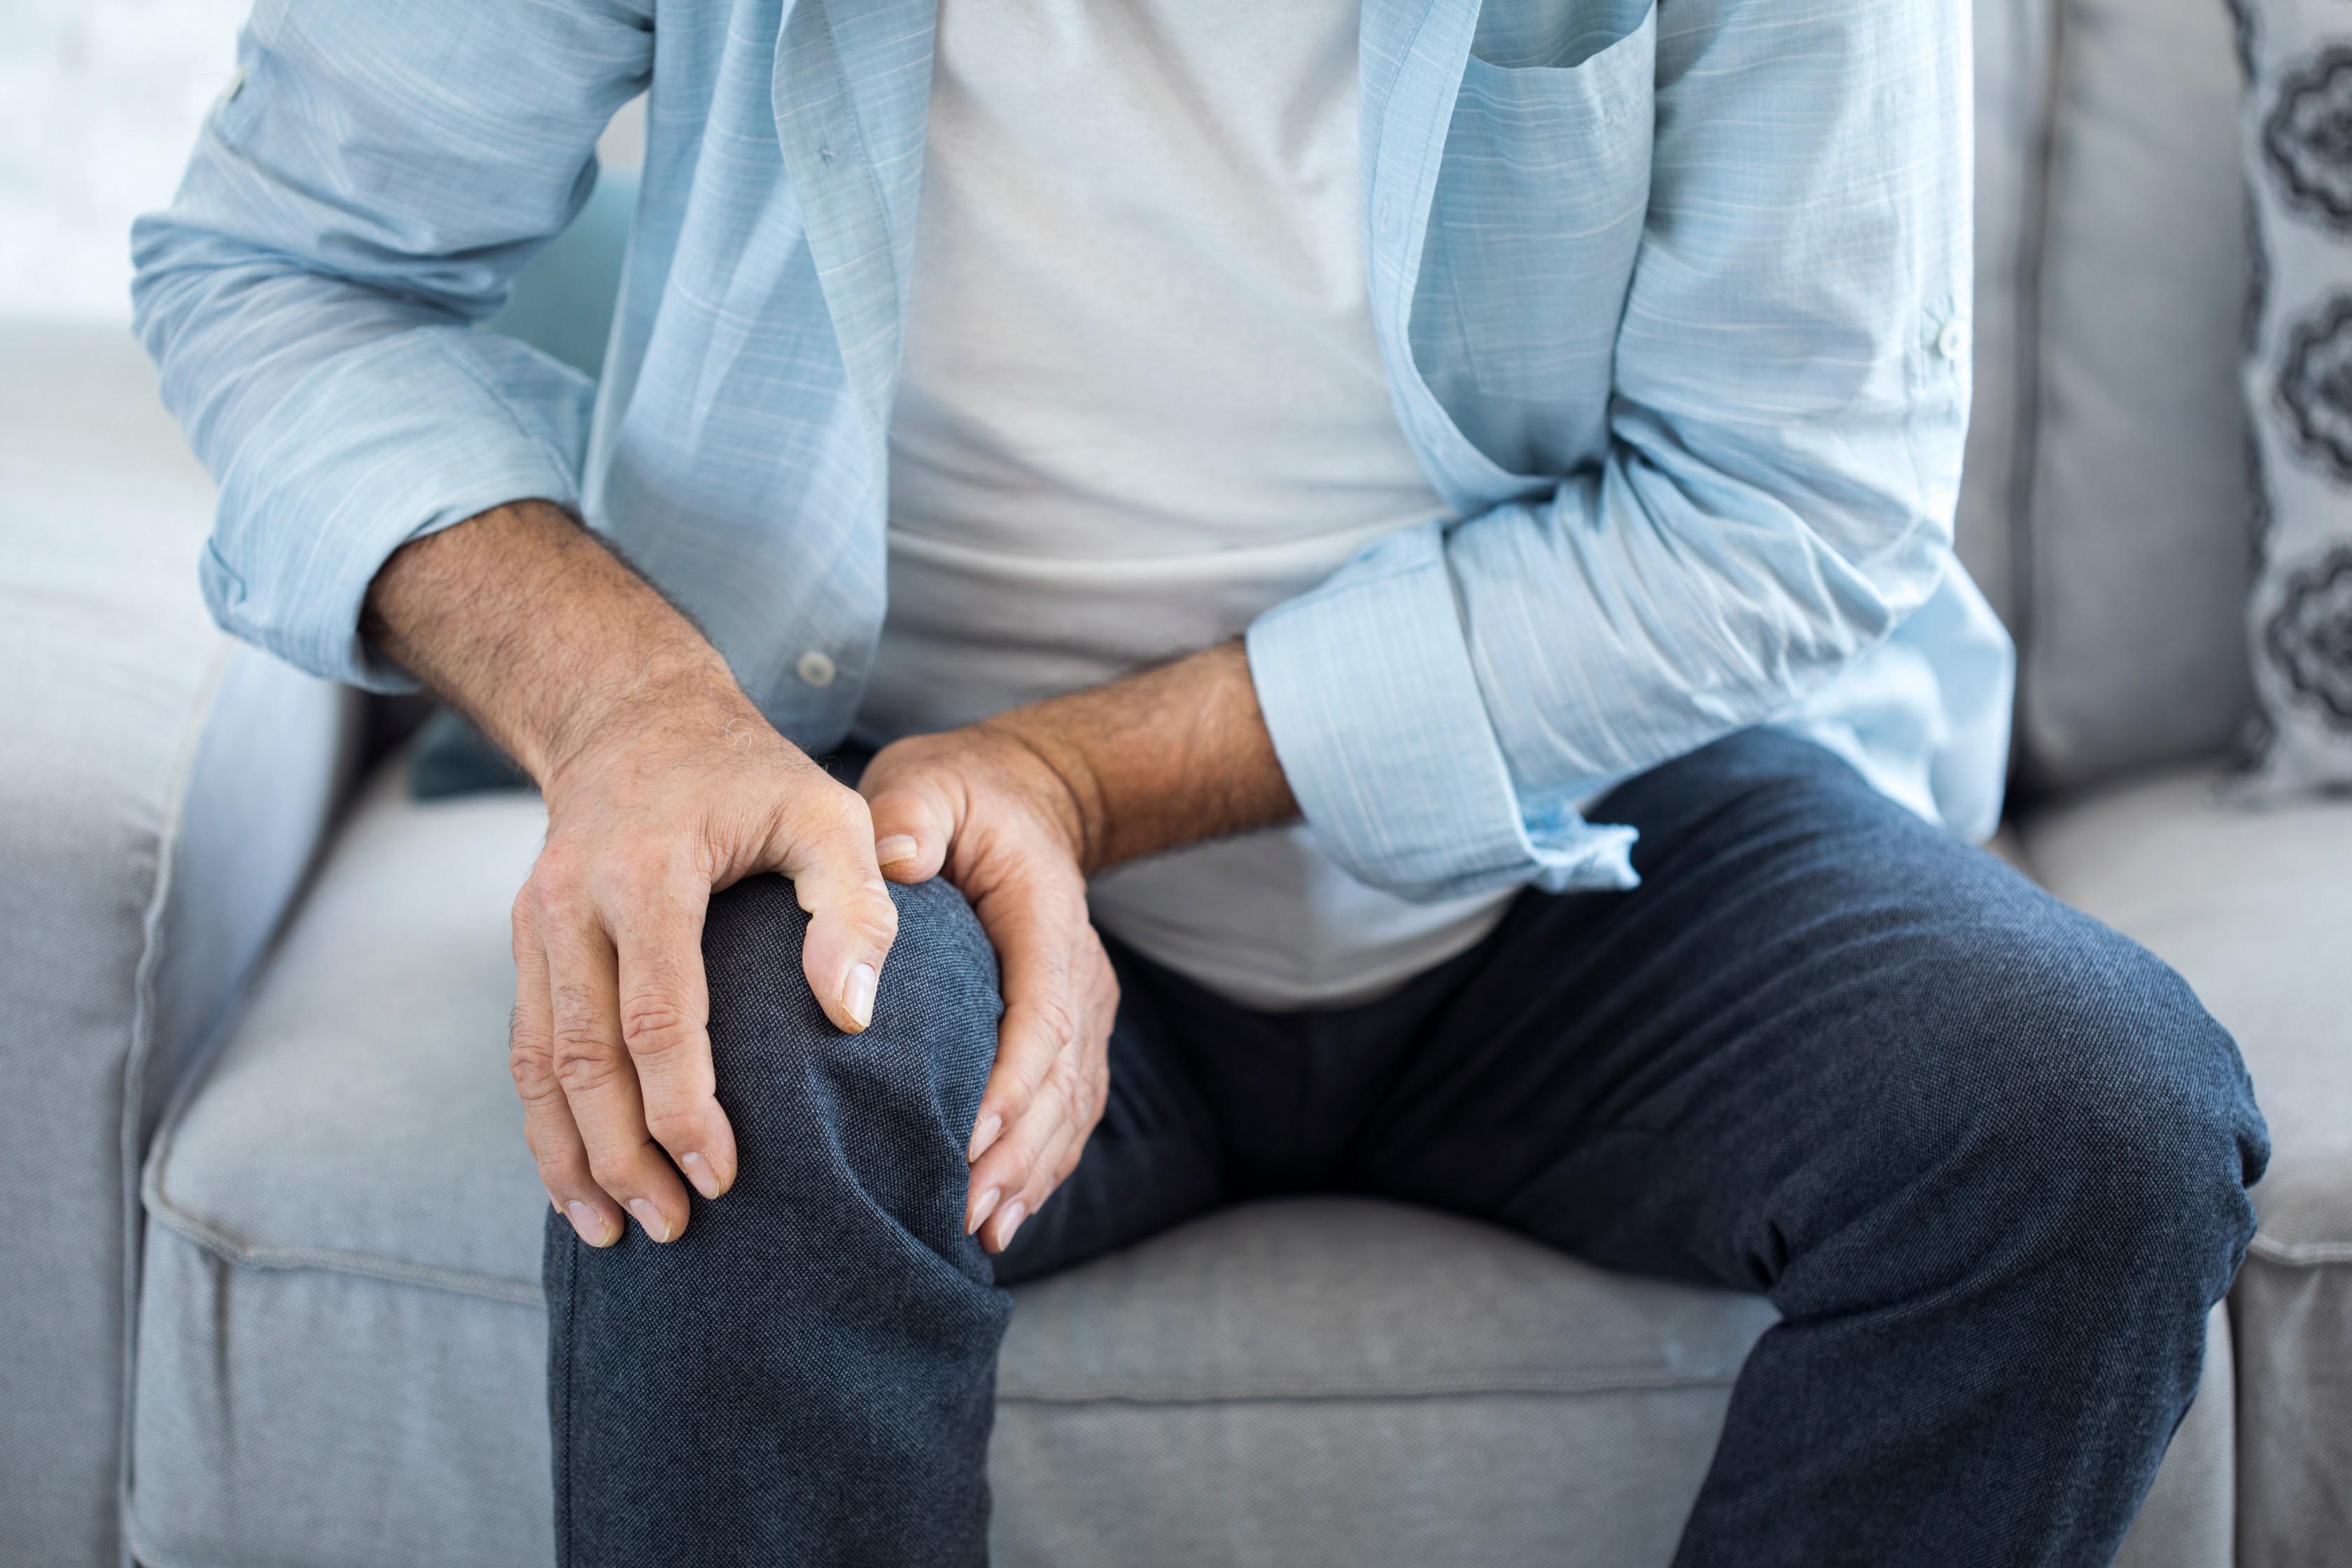 szakaszos fájdalom az ízületekben és a lábakban